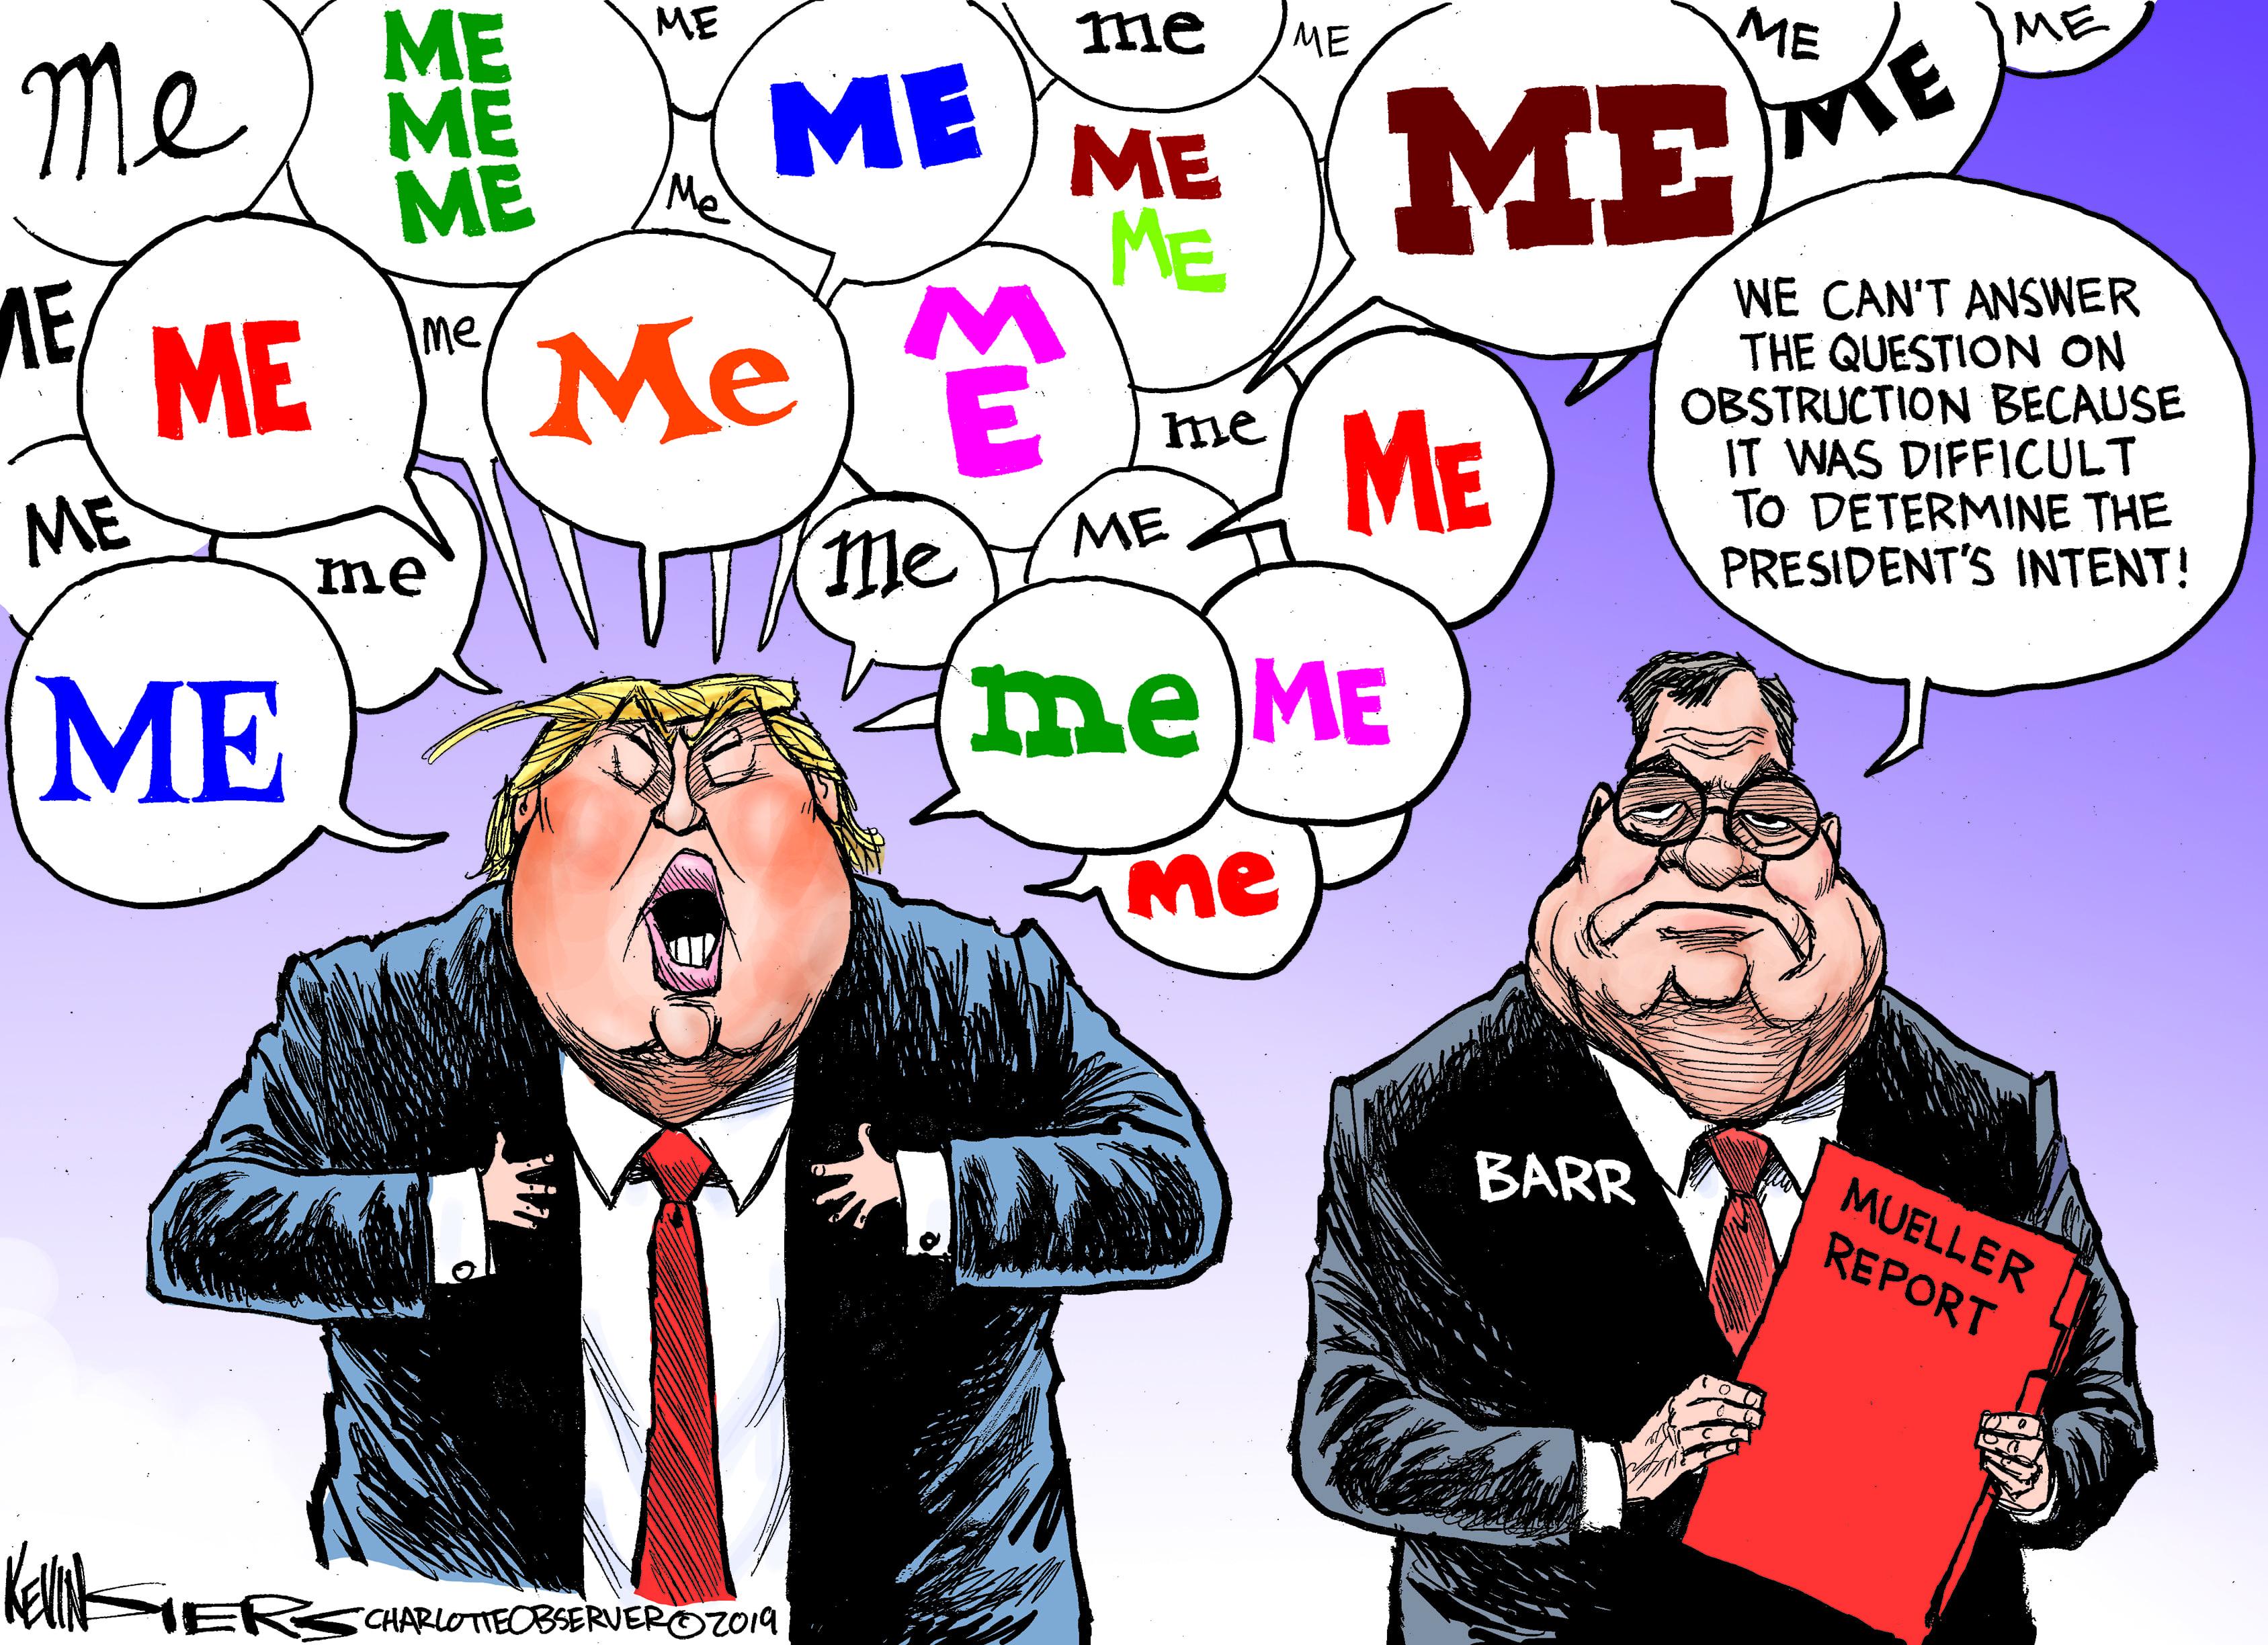 April 20: Trump Obstruction